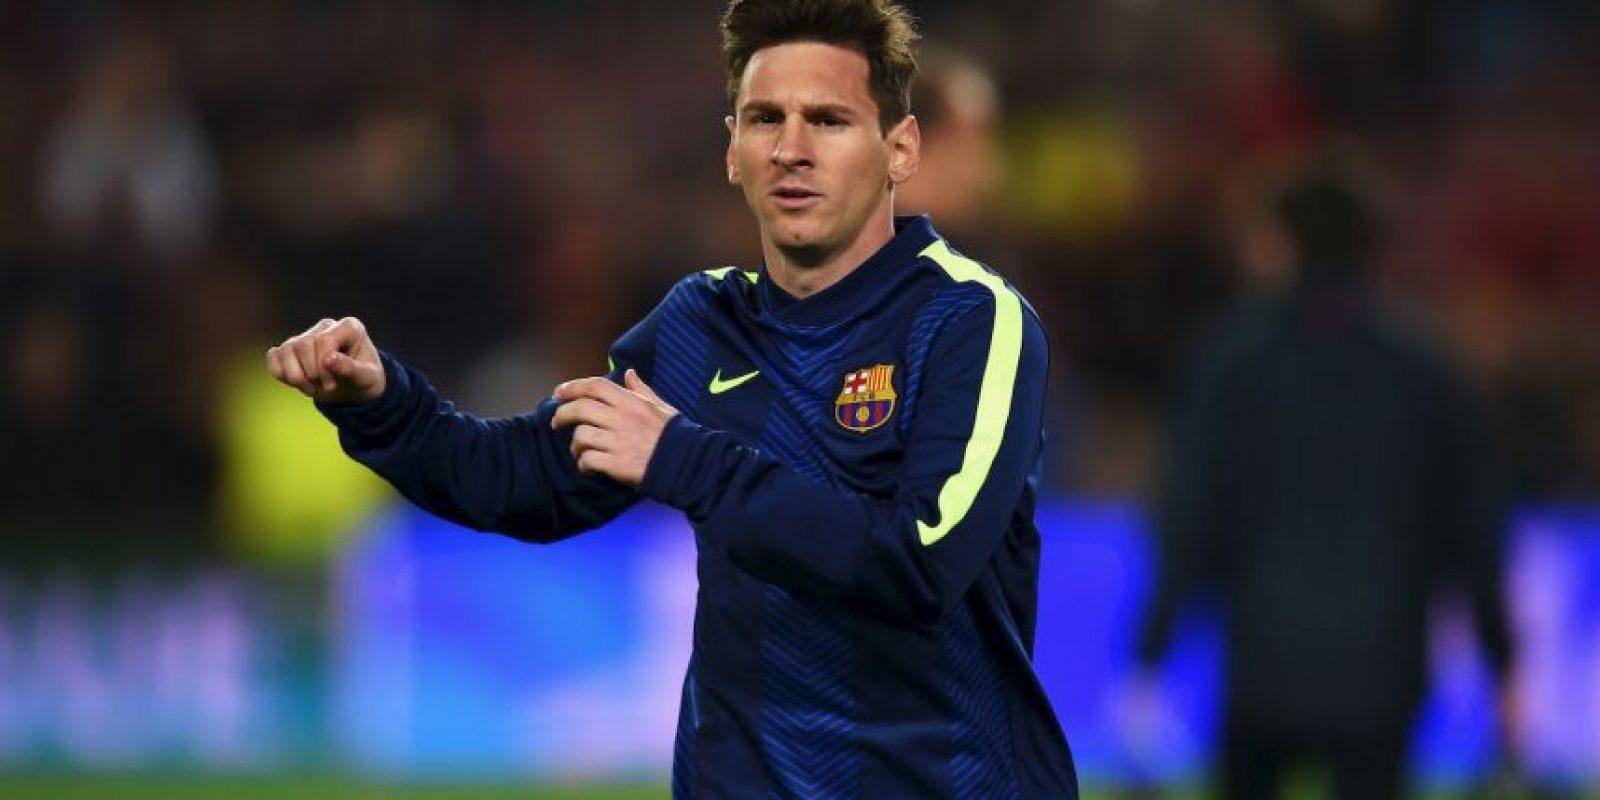 Desde 2014, se ha rumorado que Lionel Messi podría salir del Barcelona. Foto:Getty Images